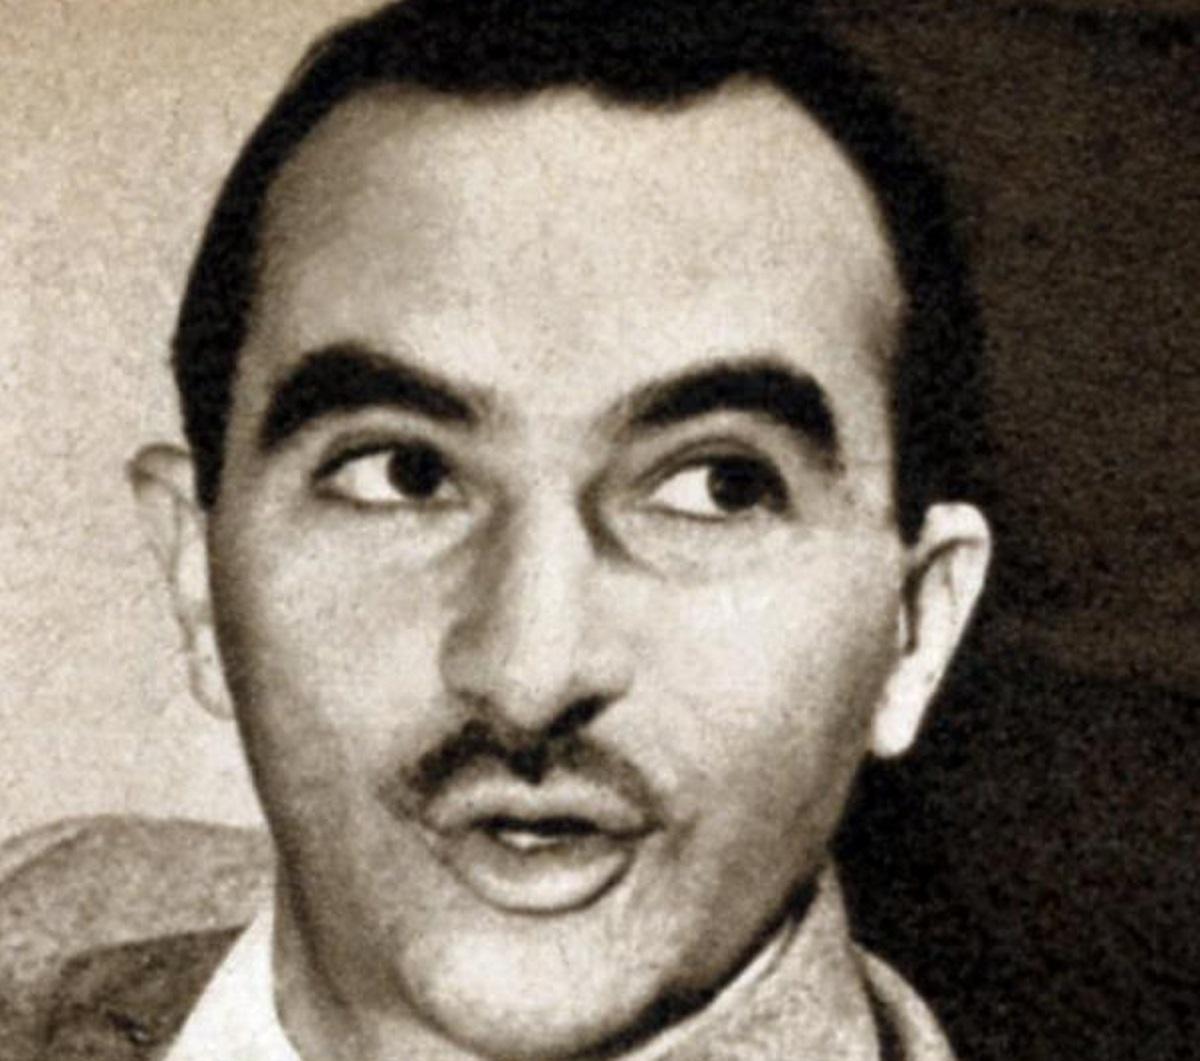 Chi era Alberto Lattuada: tutto sul regista e produttore italiano